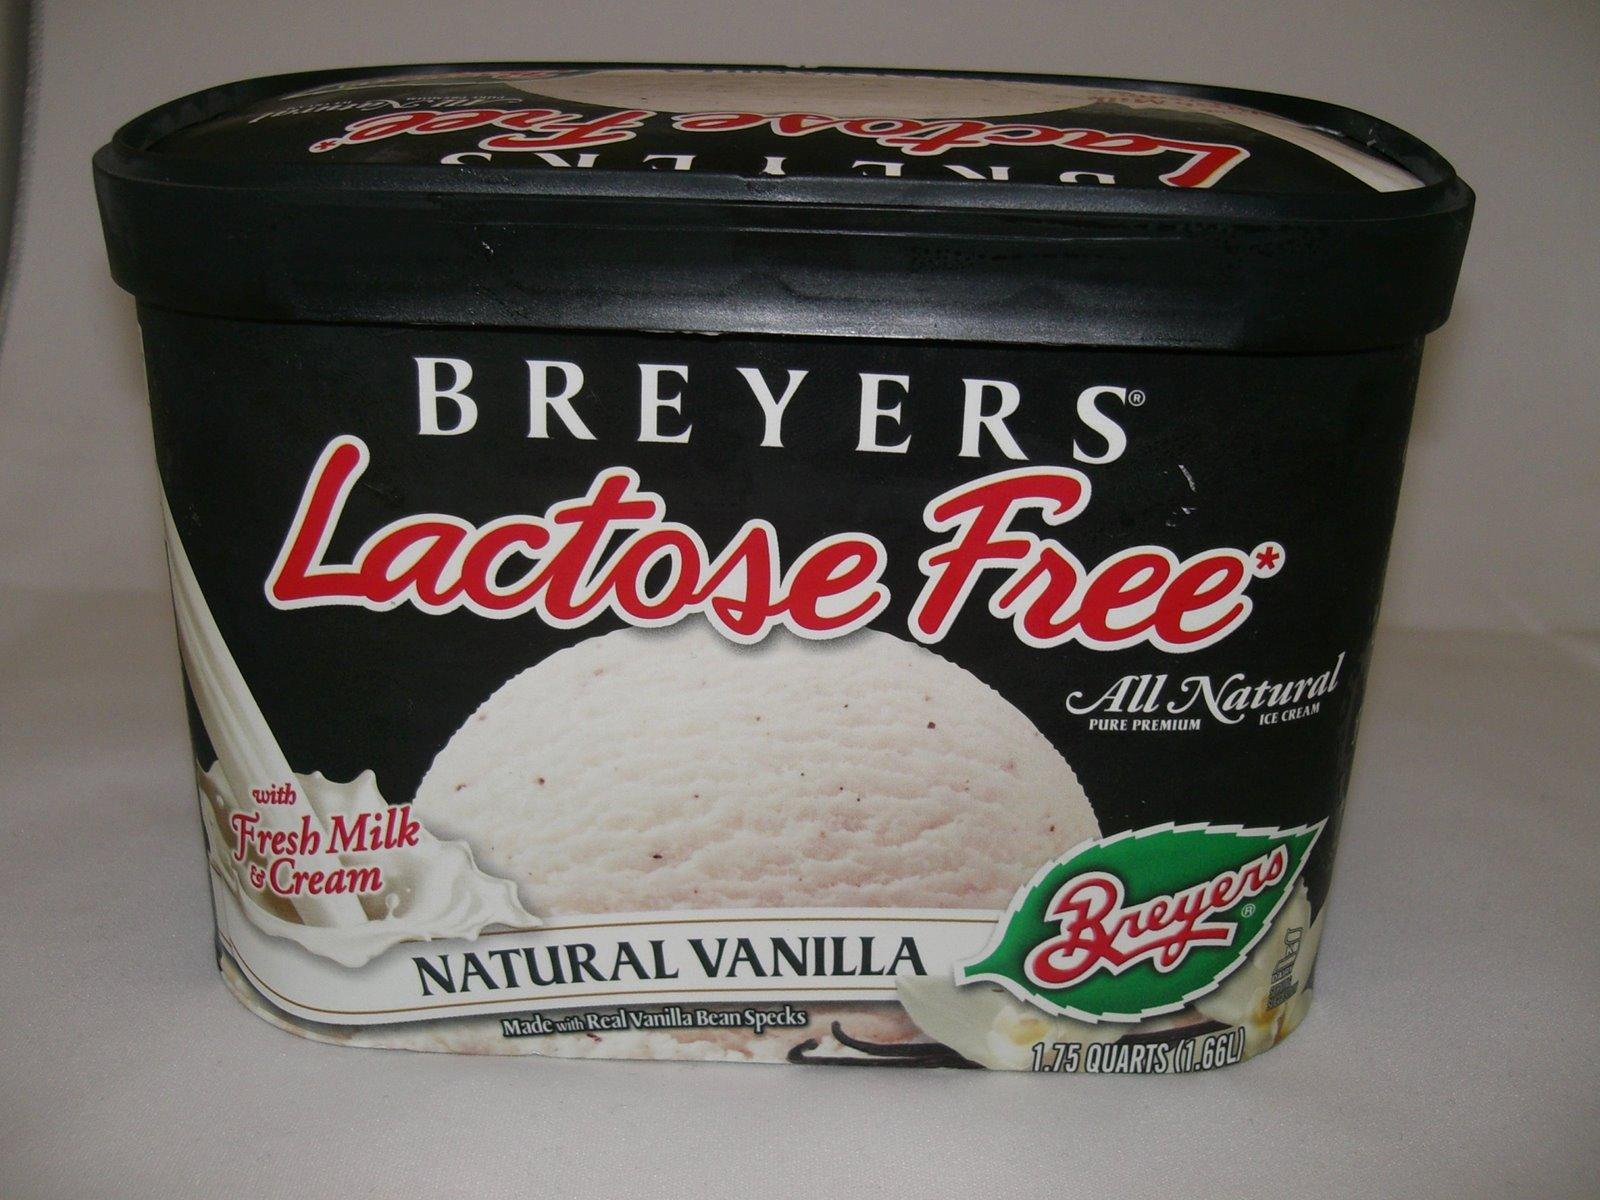 6743  5a01  7684  535a  5f69  7f51  7ad9  6709  54ea  4e9b: 4fe1  8a89  4fdd  8bc1 copycat dairy queen vanilla ice cream